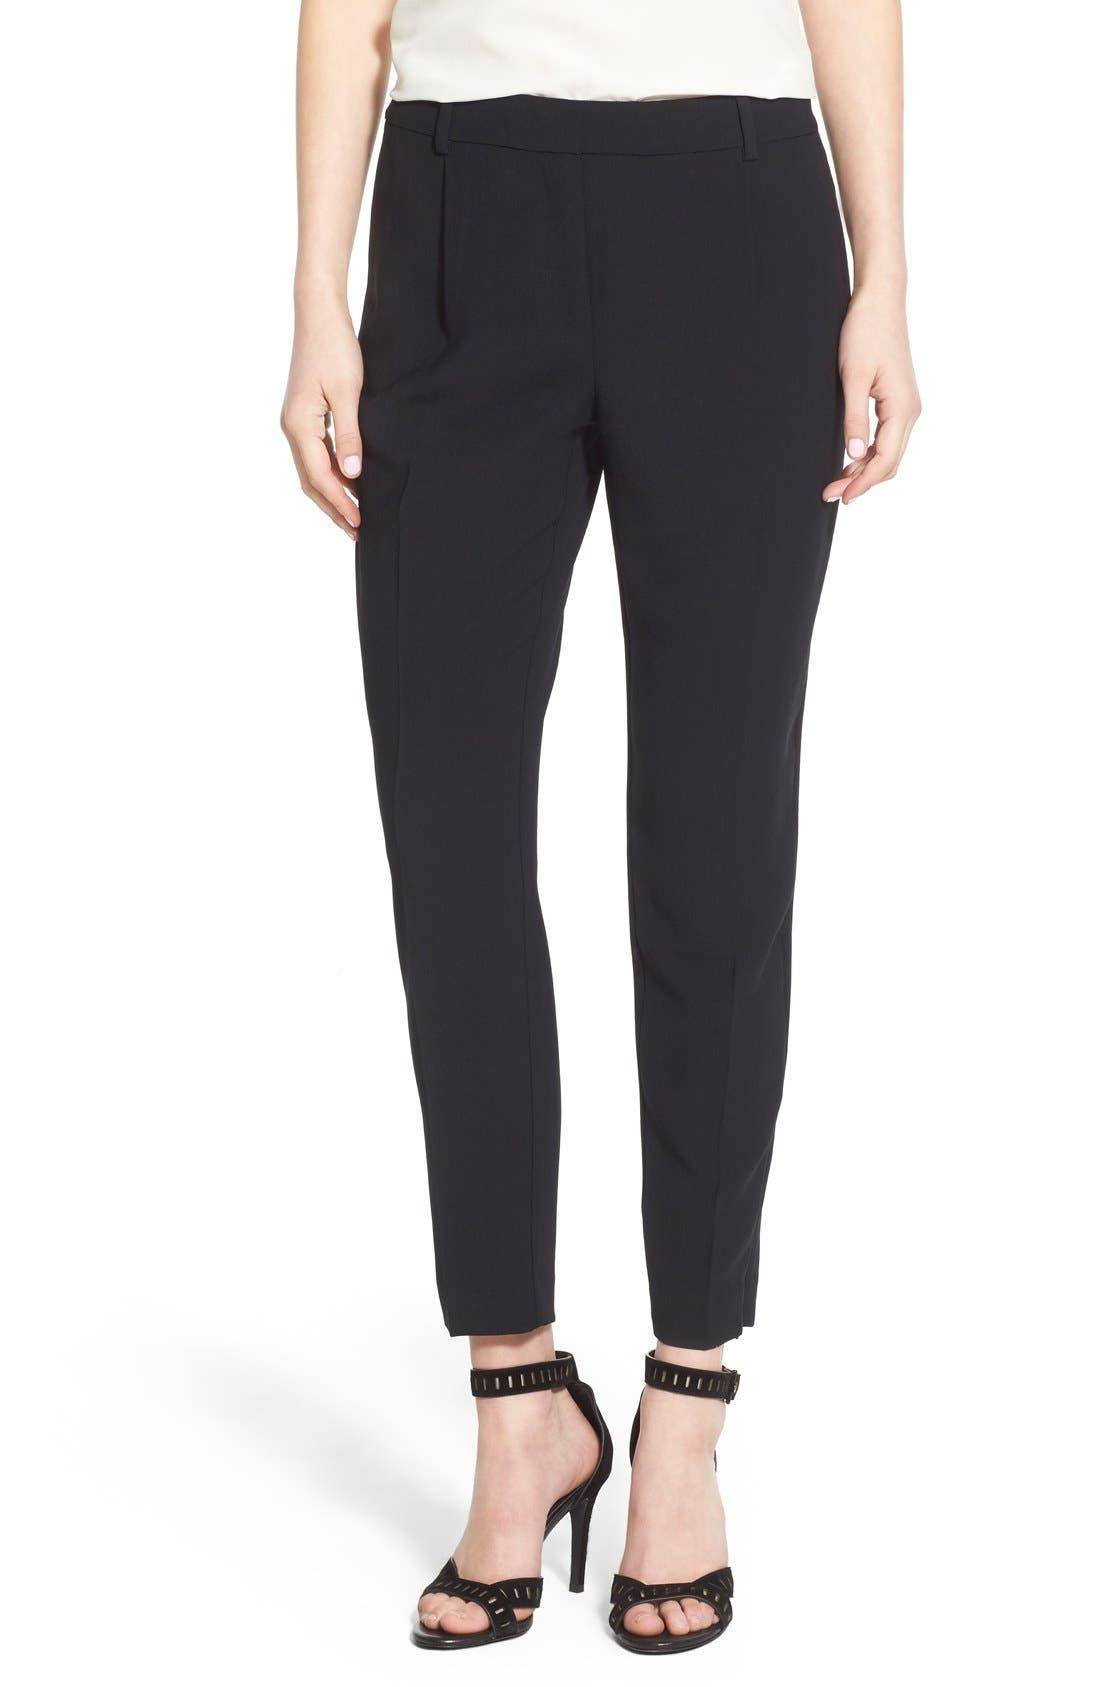 Trouvé High Waist Pleat Front Crop Pants